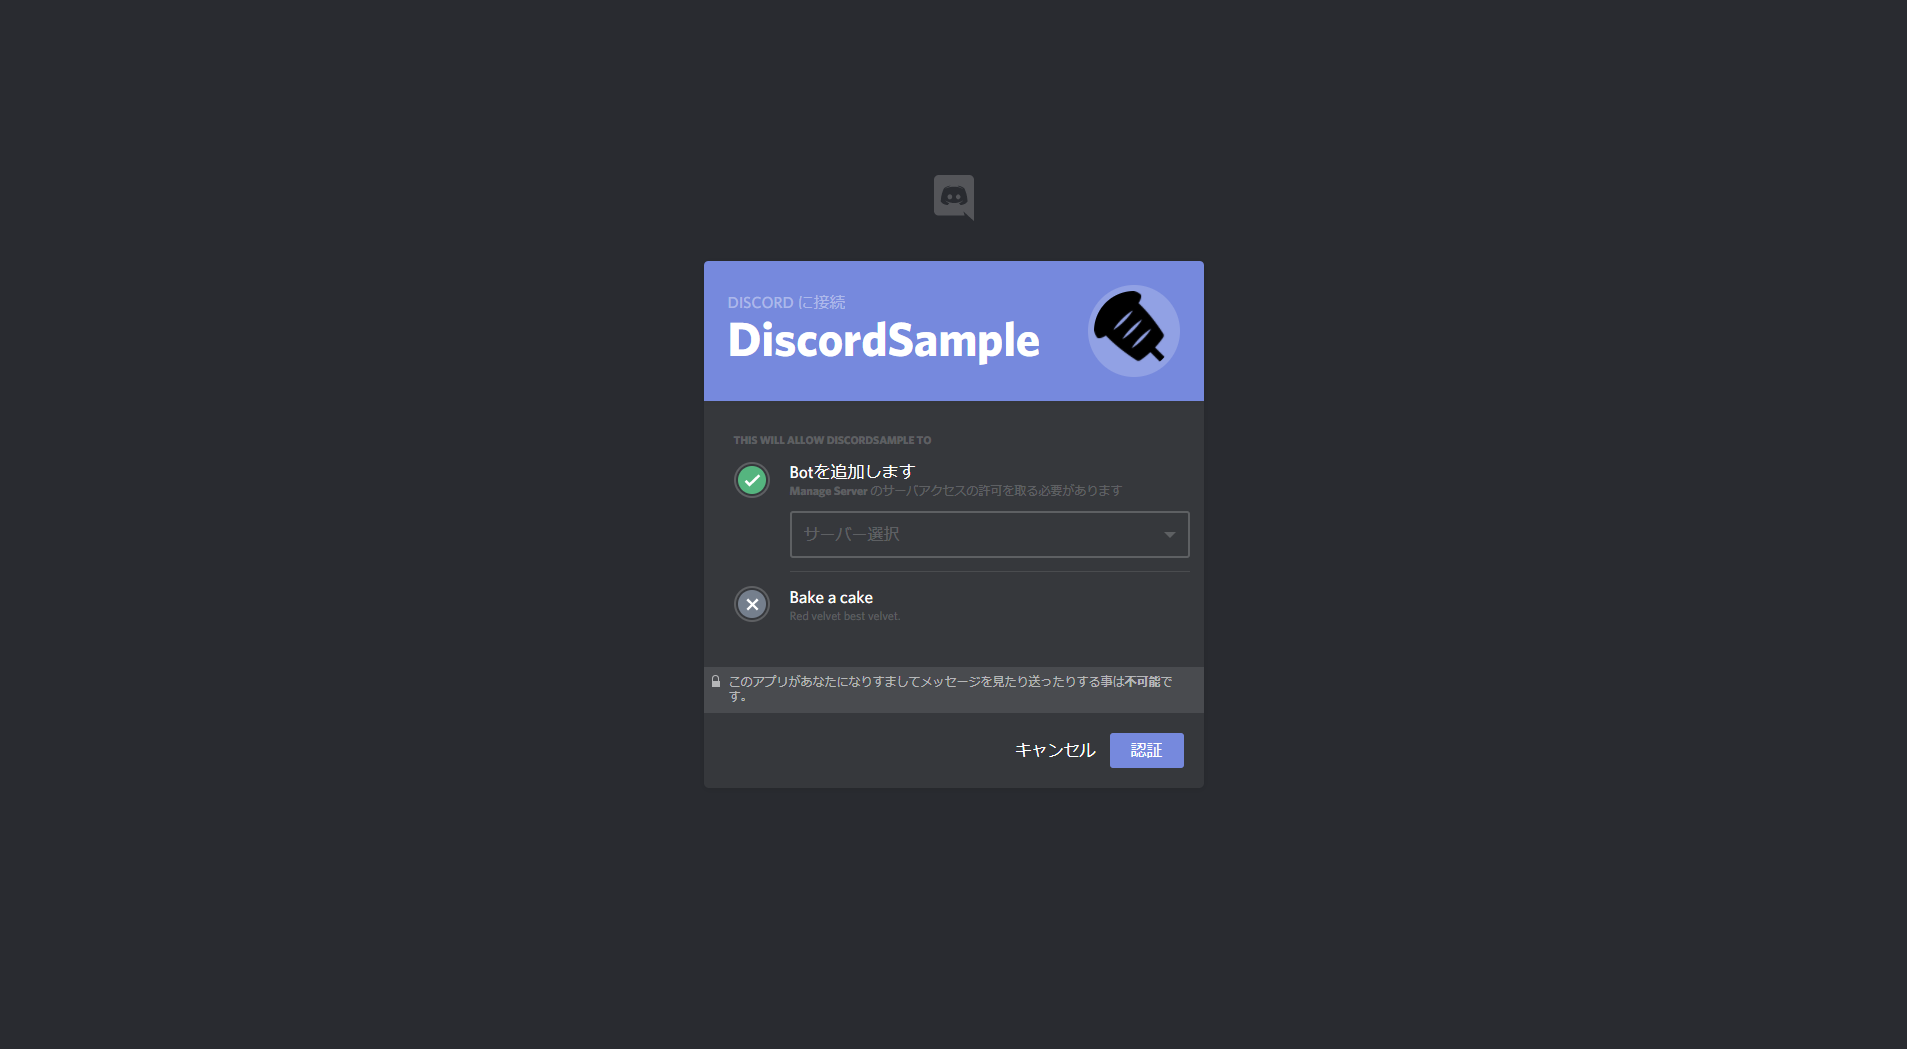 FireShot Capture 28 - アカウントへのアクセスを許可します_ - https___discordapp.com_oauth2_authorize.png